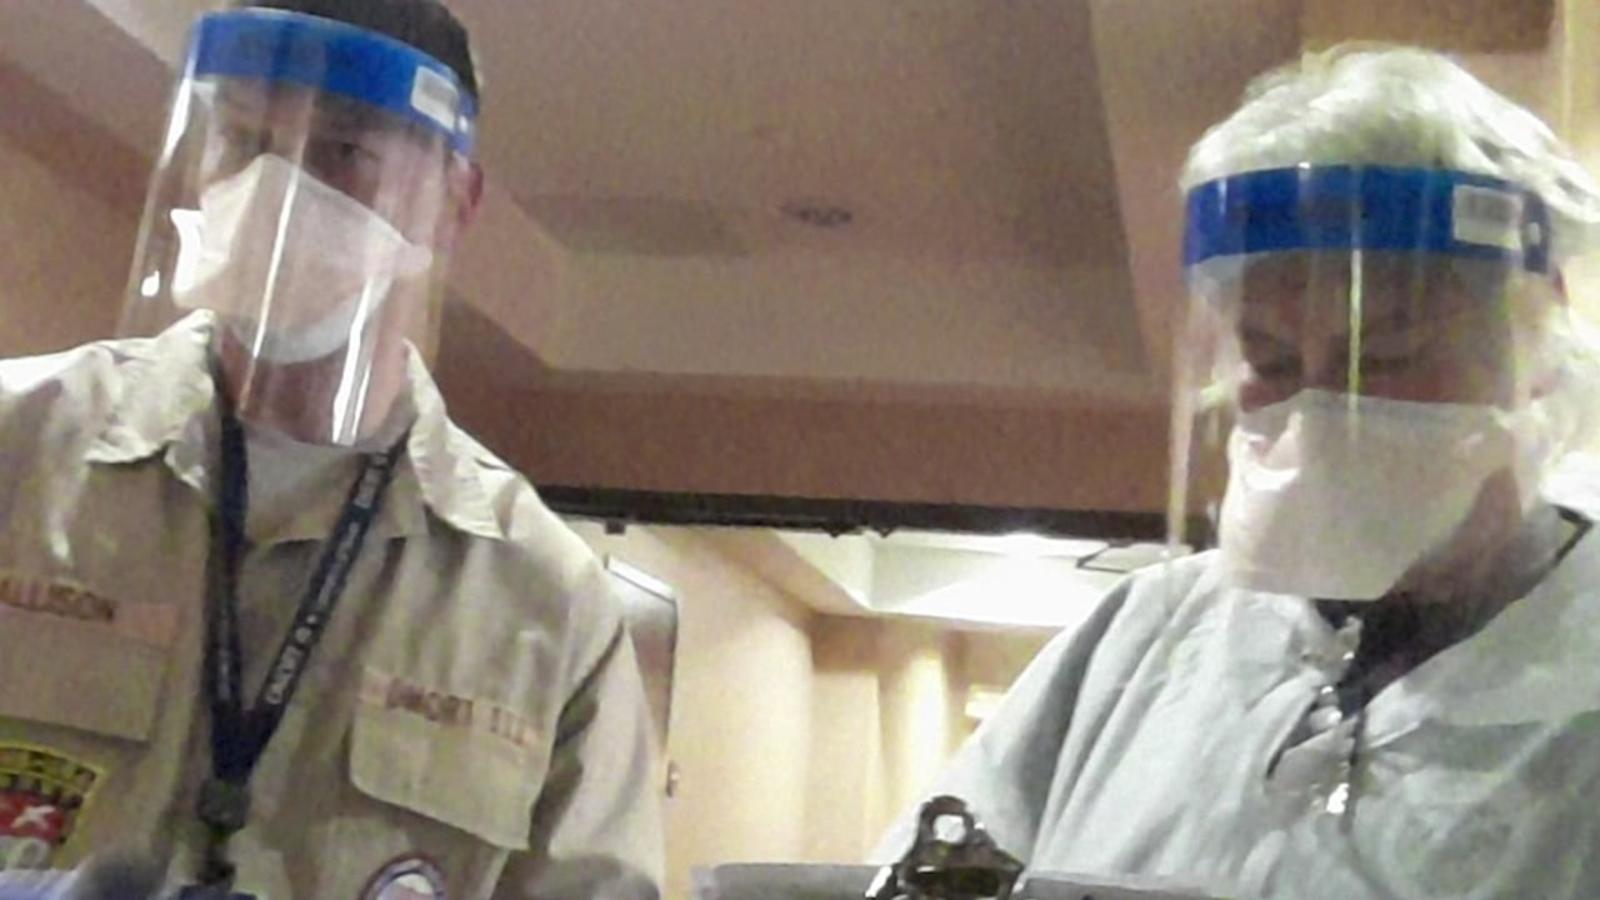 Coronavirus update: Grand Princess cruise passenger shares her story from quarantine at Travis AFB